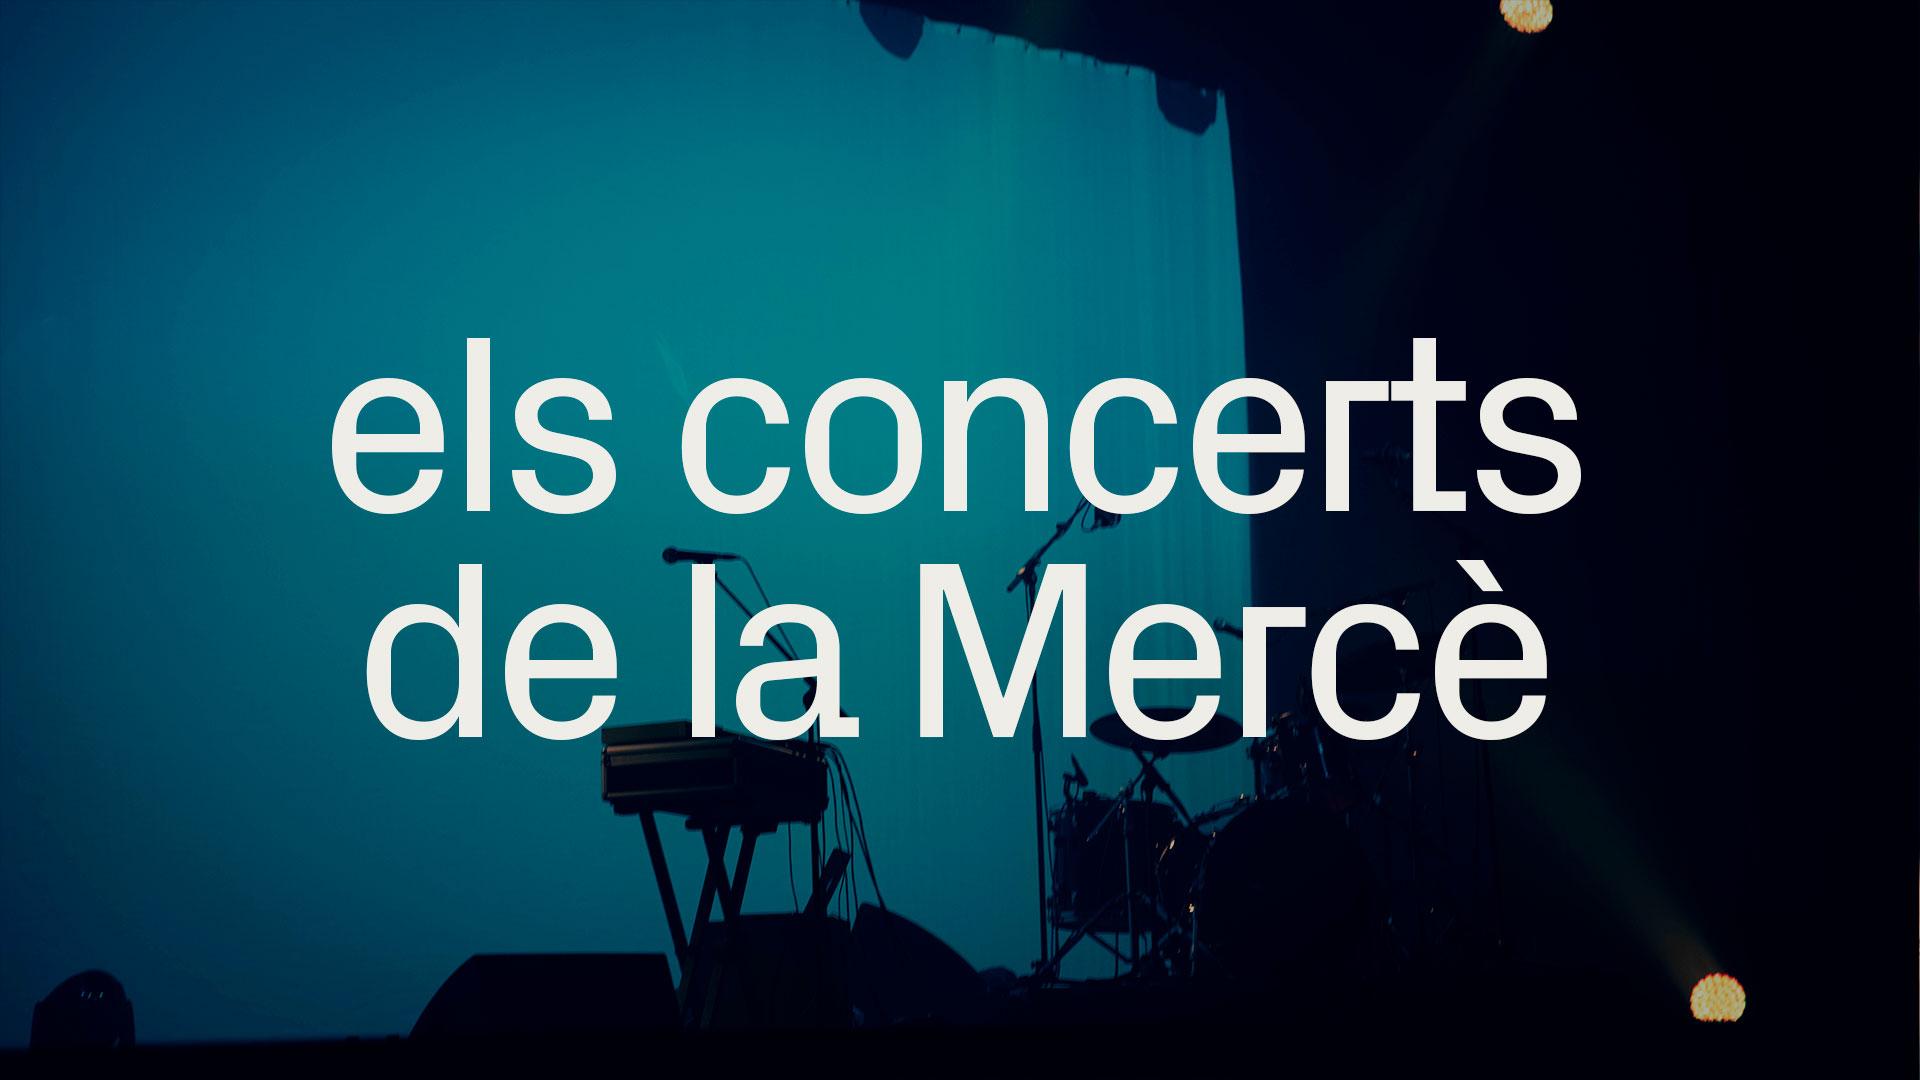 concerts de la merce